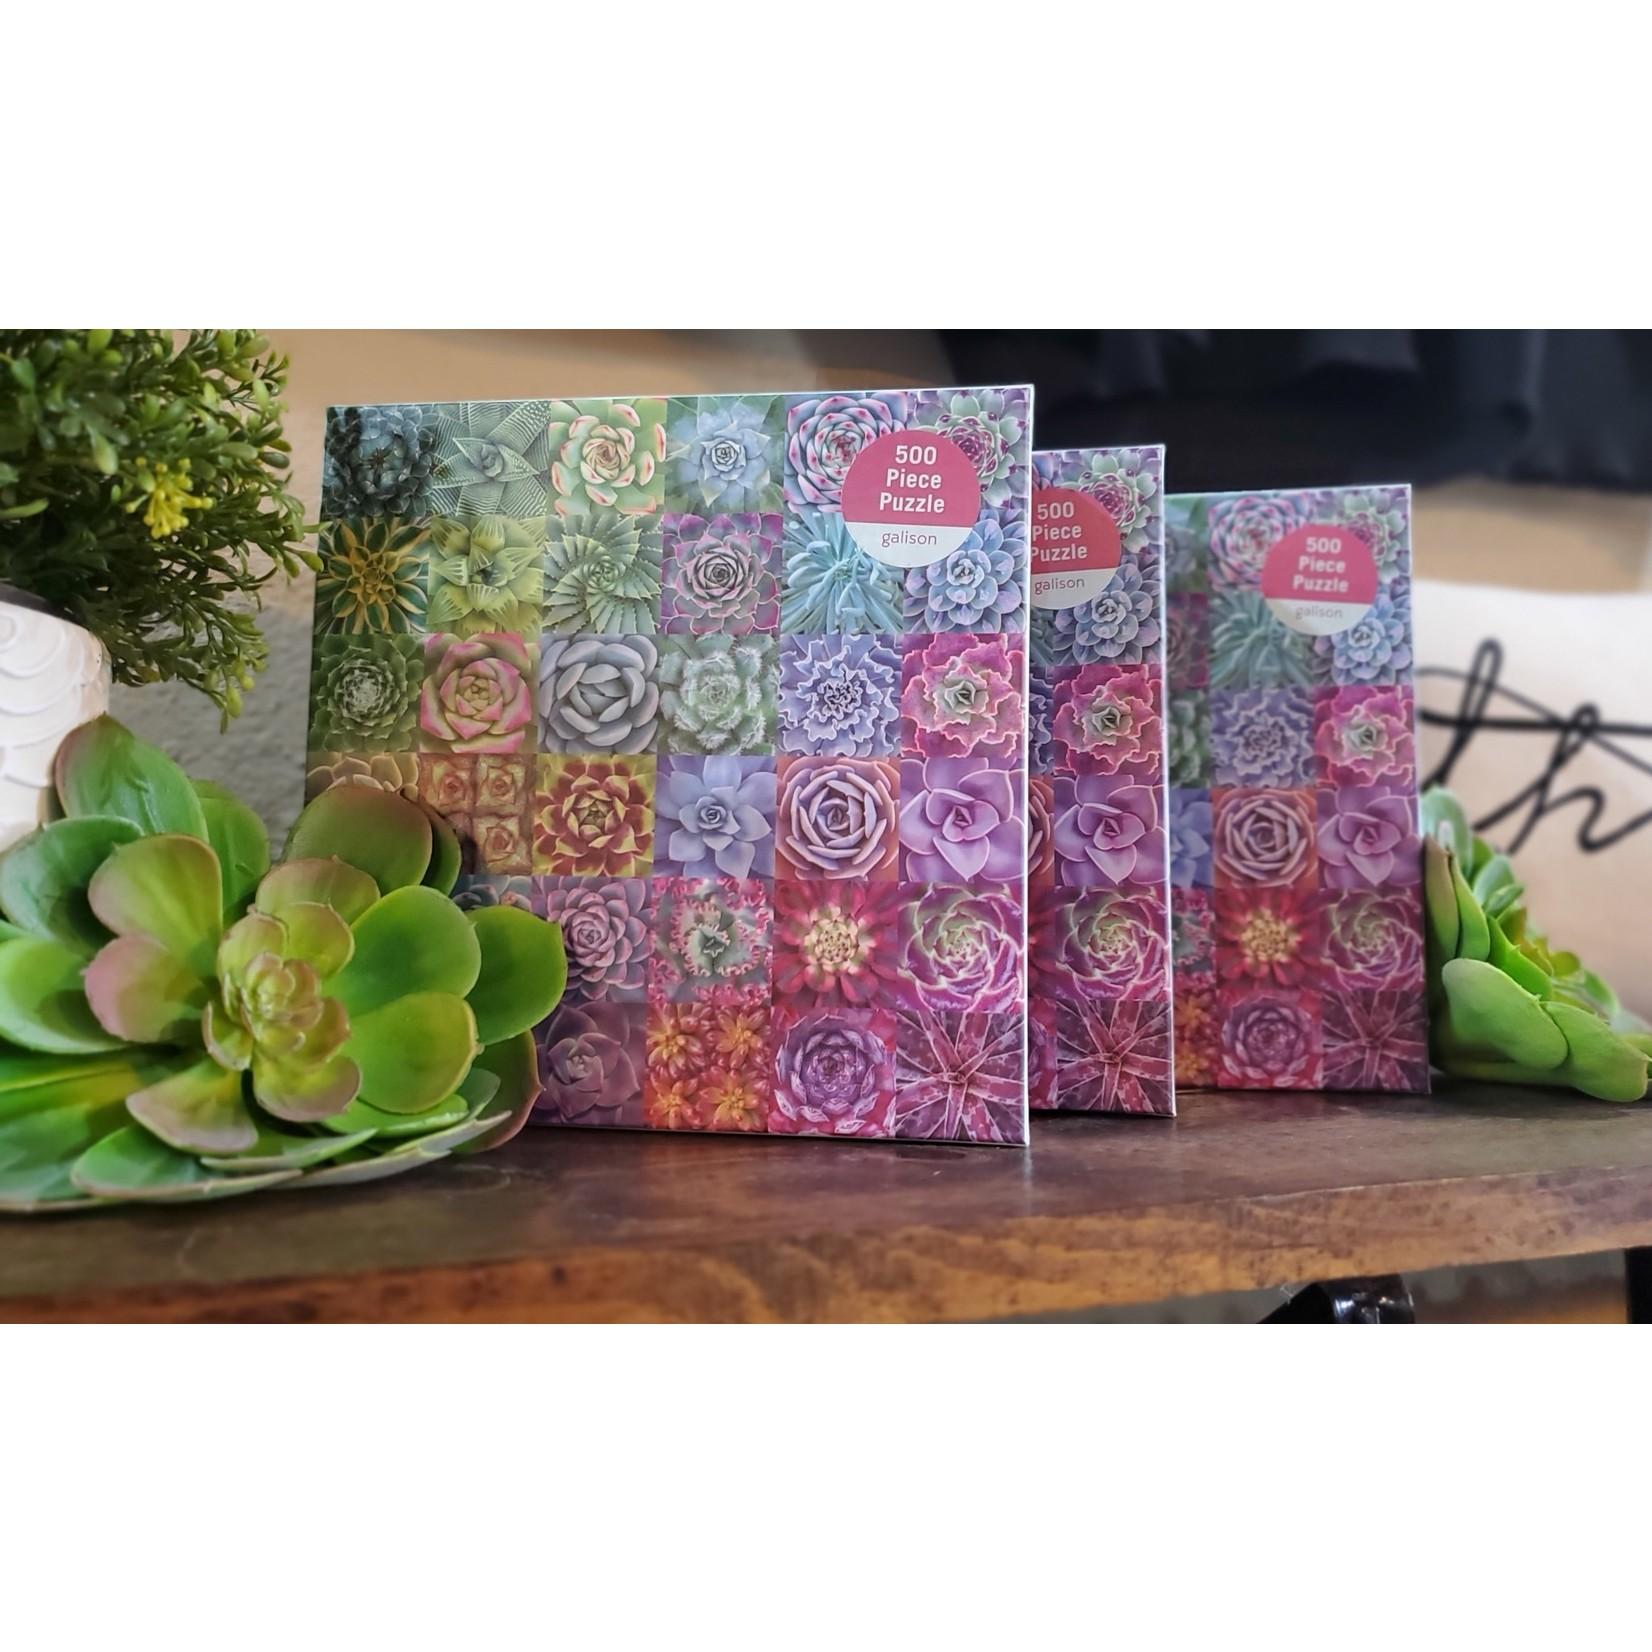 Hachette Book Group Puzzle: Succulent Spectrum